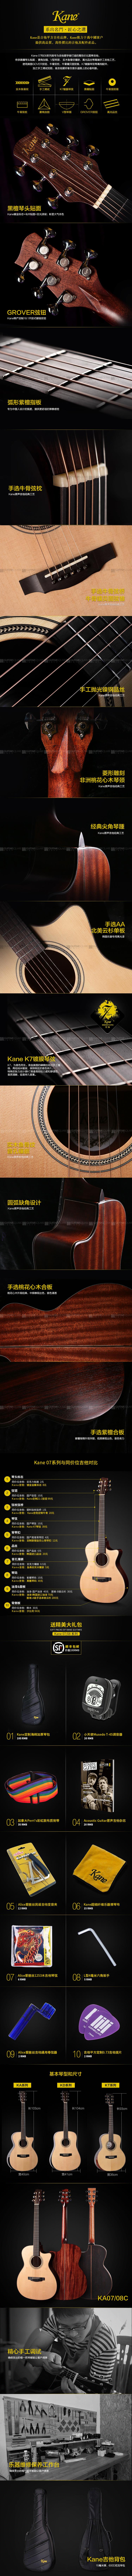 kane guitar 07 series